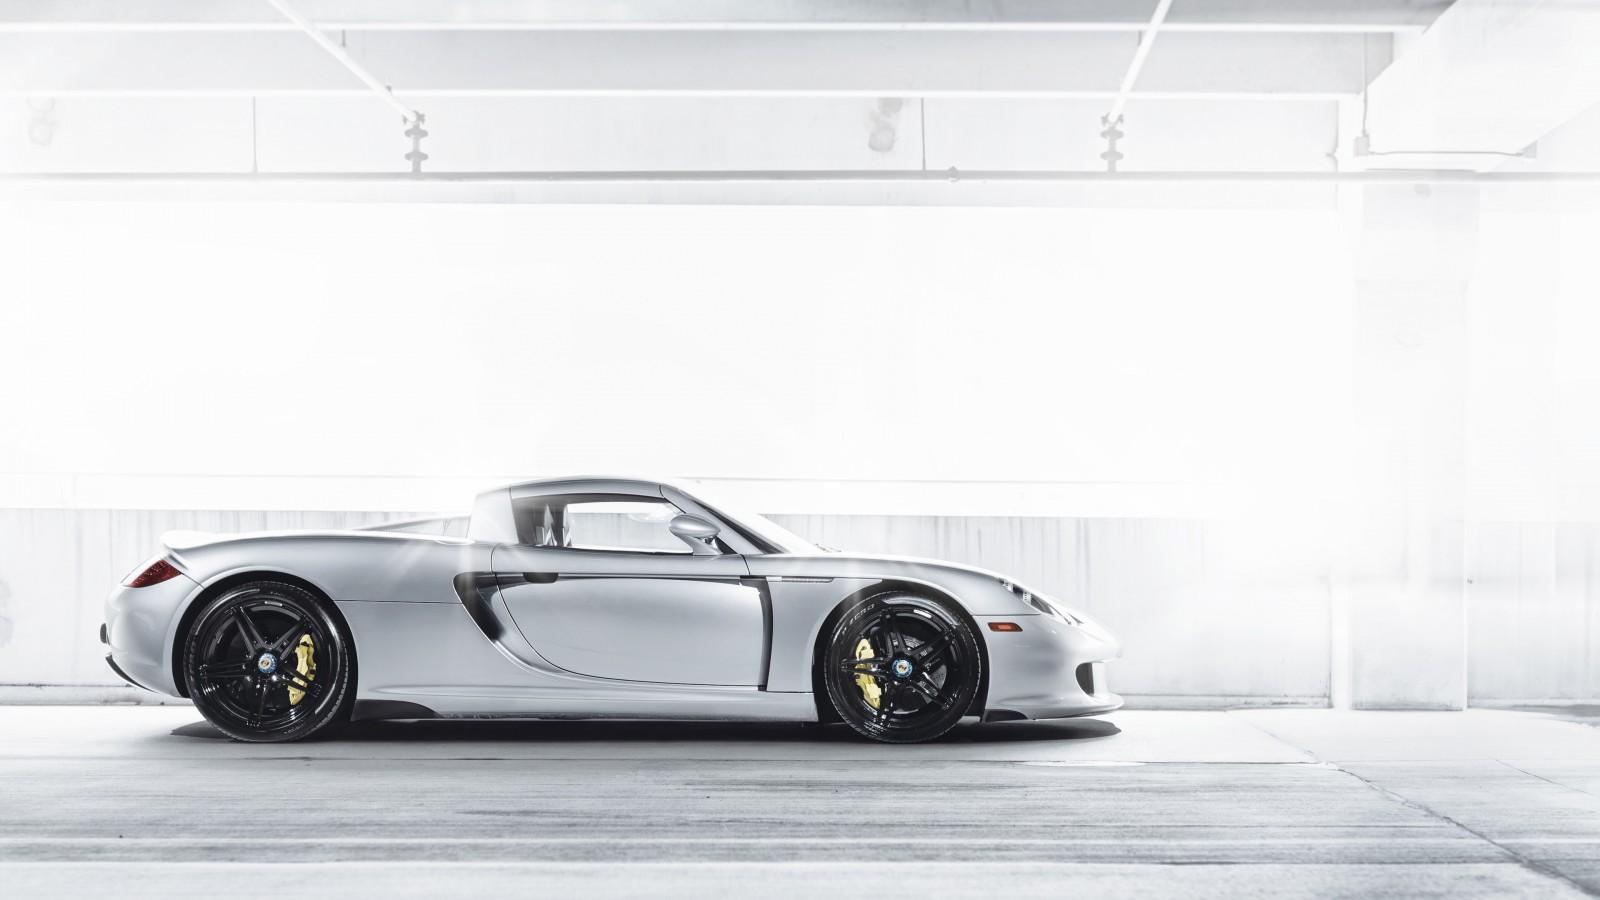 Adv1 Porsche Carrera Gt Wallpaper Hd Car Wallpapers Id